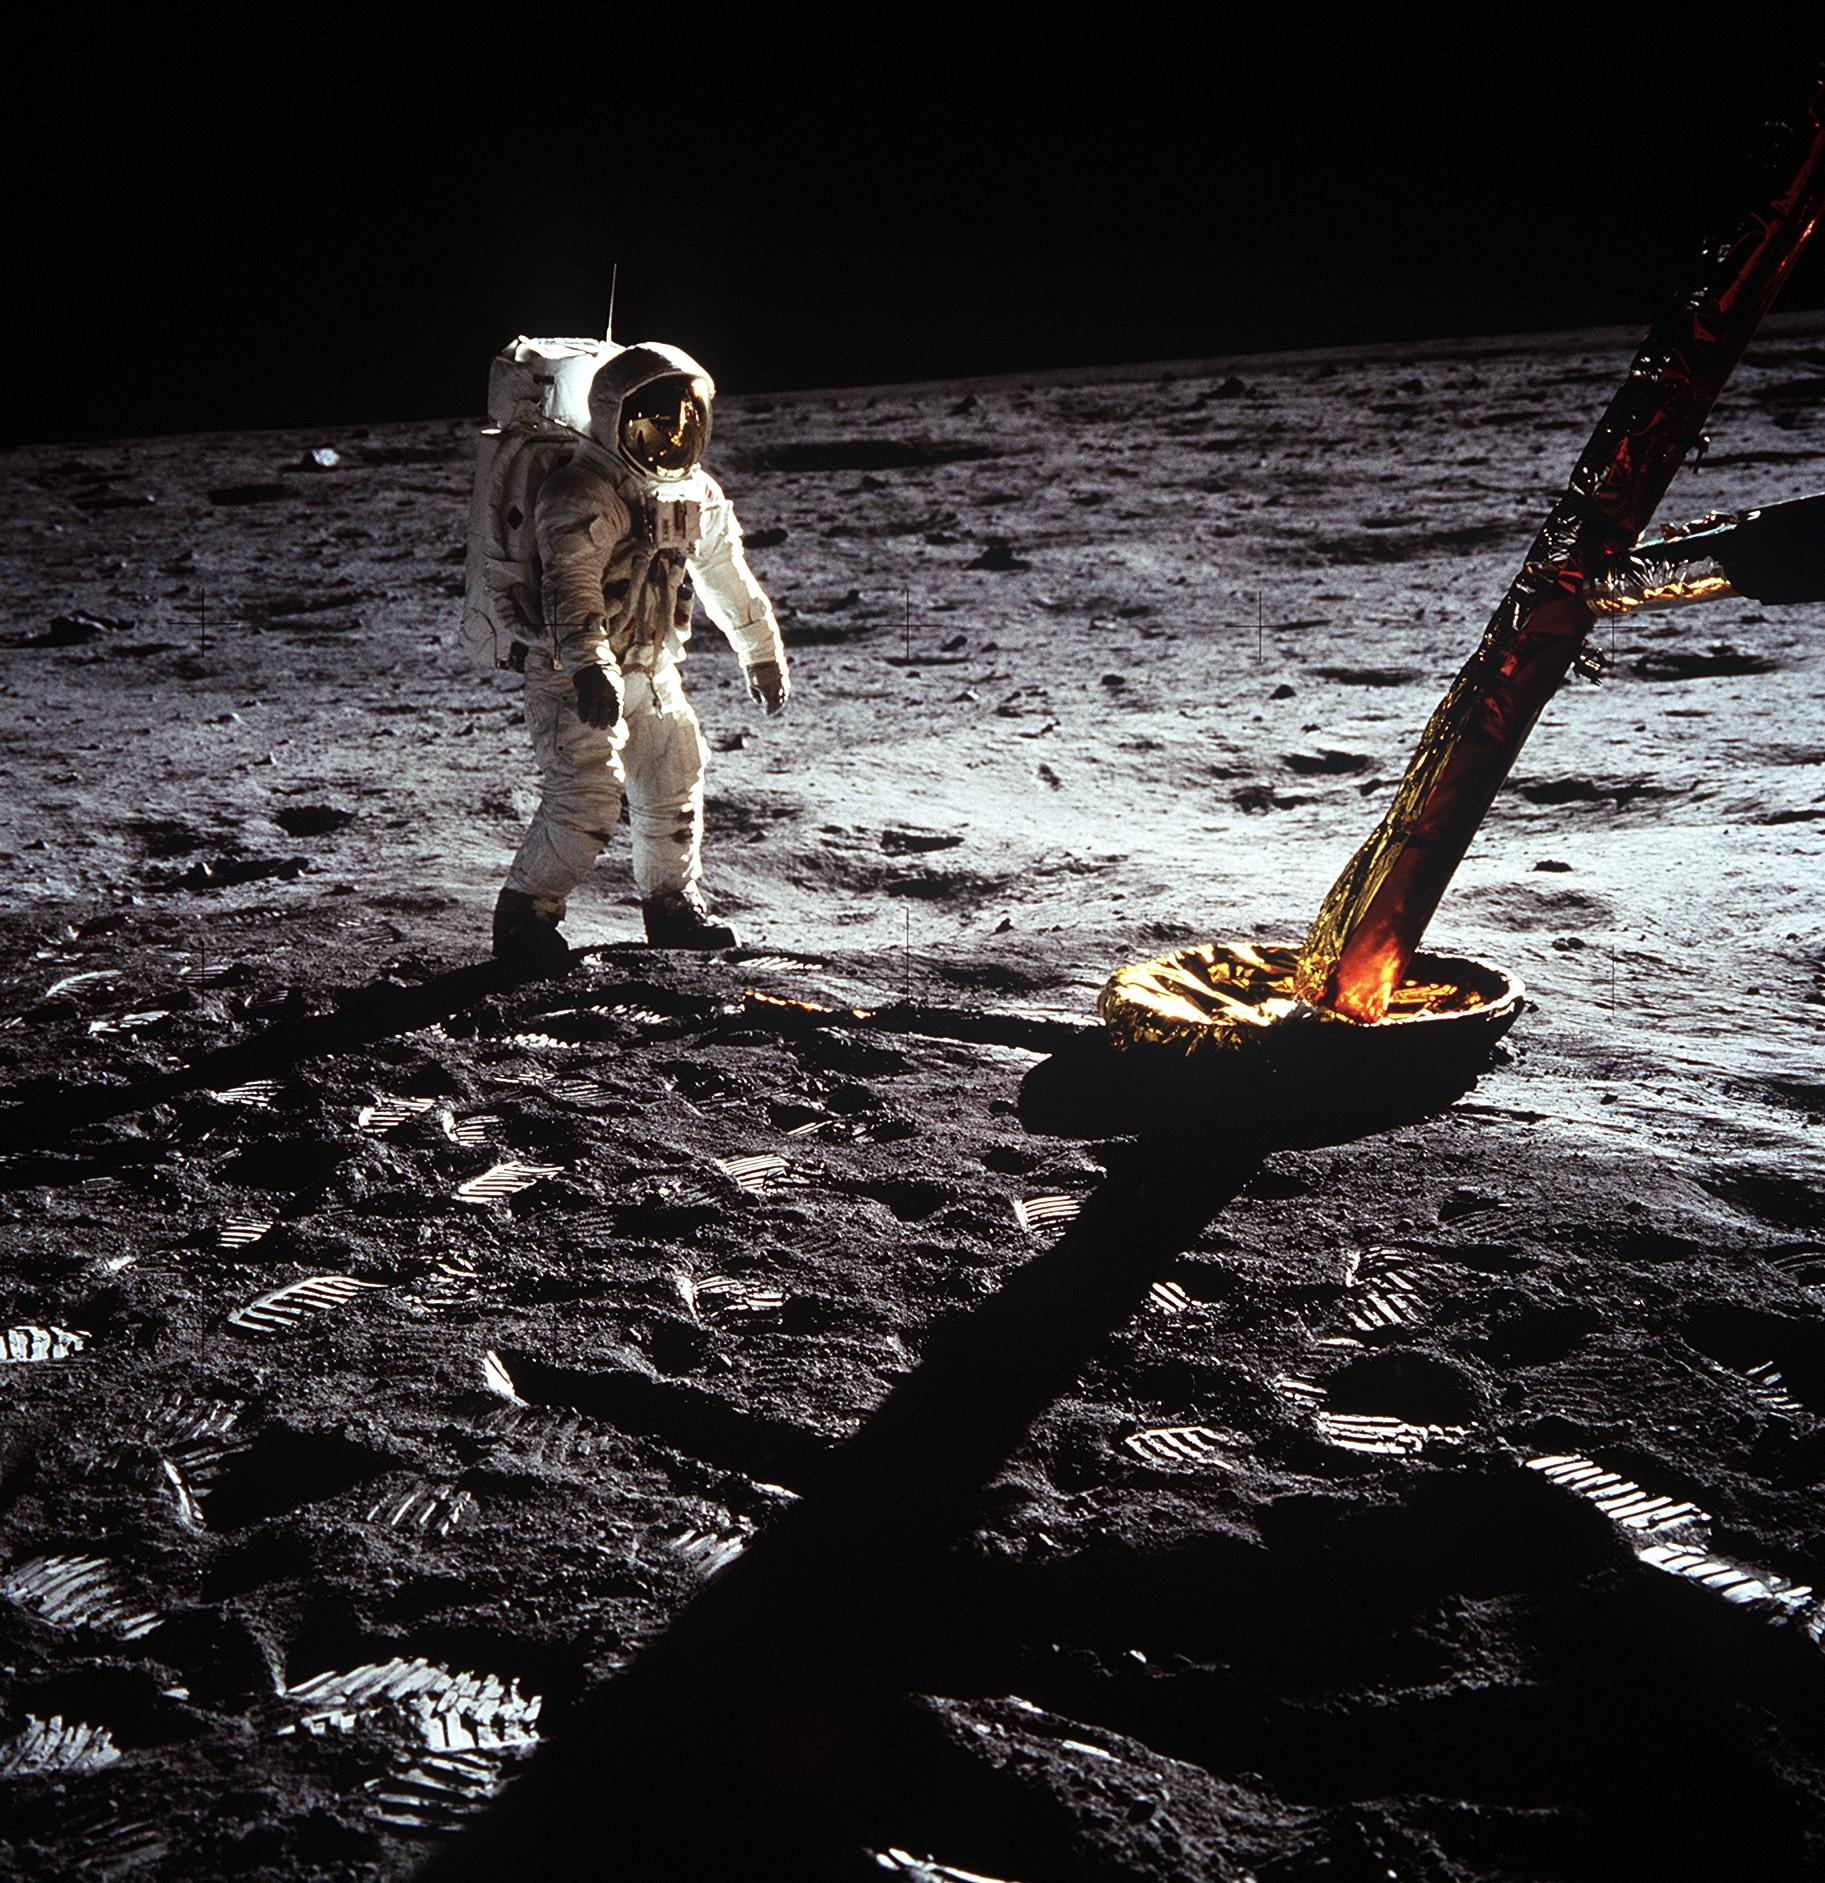 El astronauta Edwin E. Aldrin Jr., piloto del módulo lunar, camina en la superficie de la luna cerca de una de las patas del modulo lunar durante la actividad extravehicular de la misión Apollo 11. Foto de la NASA.